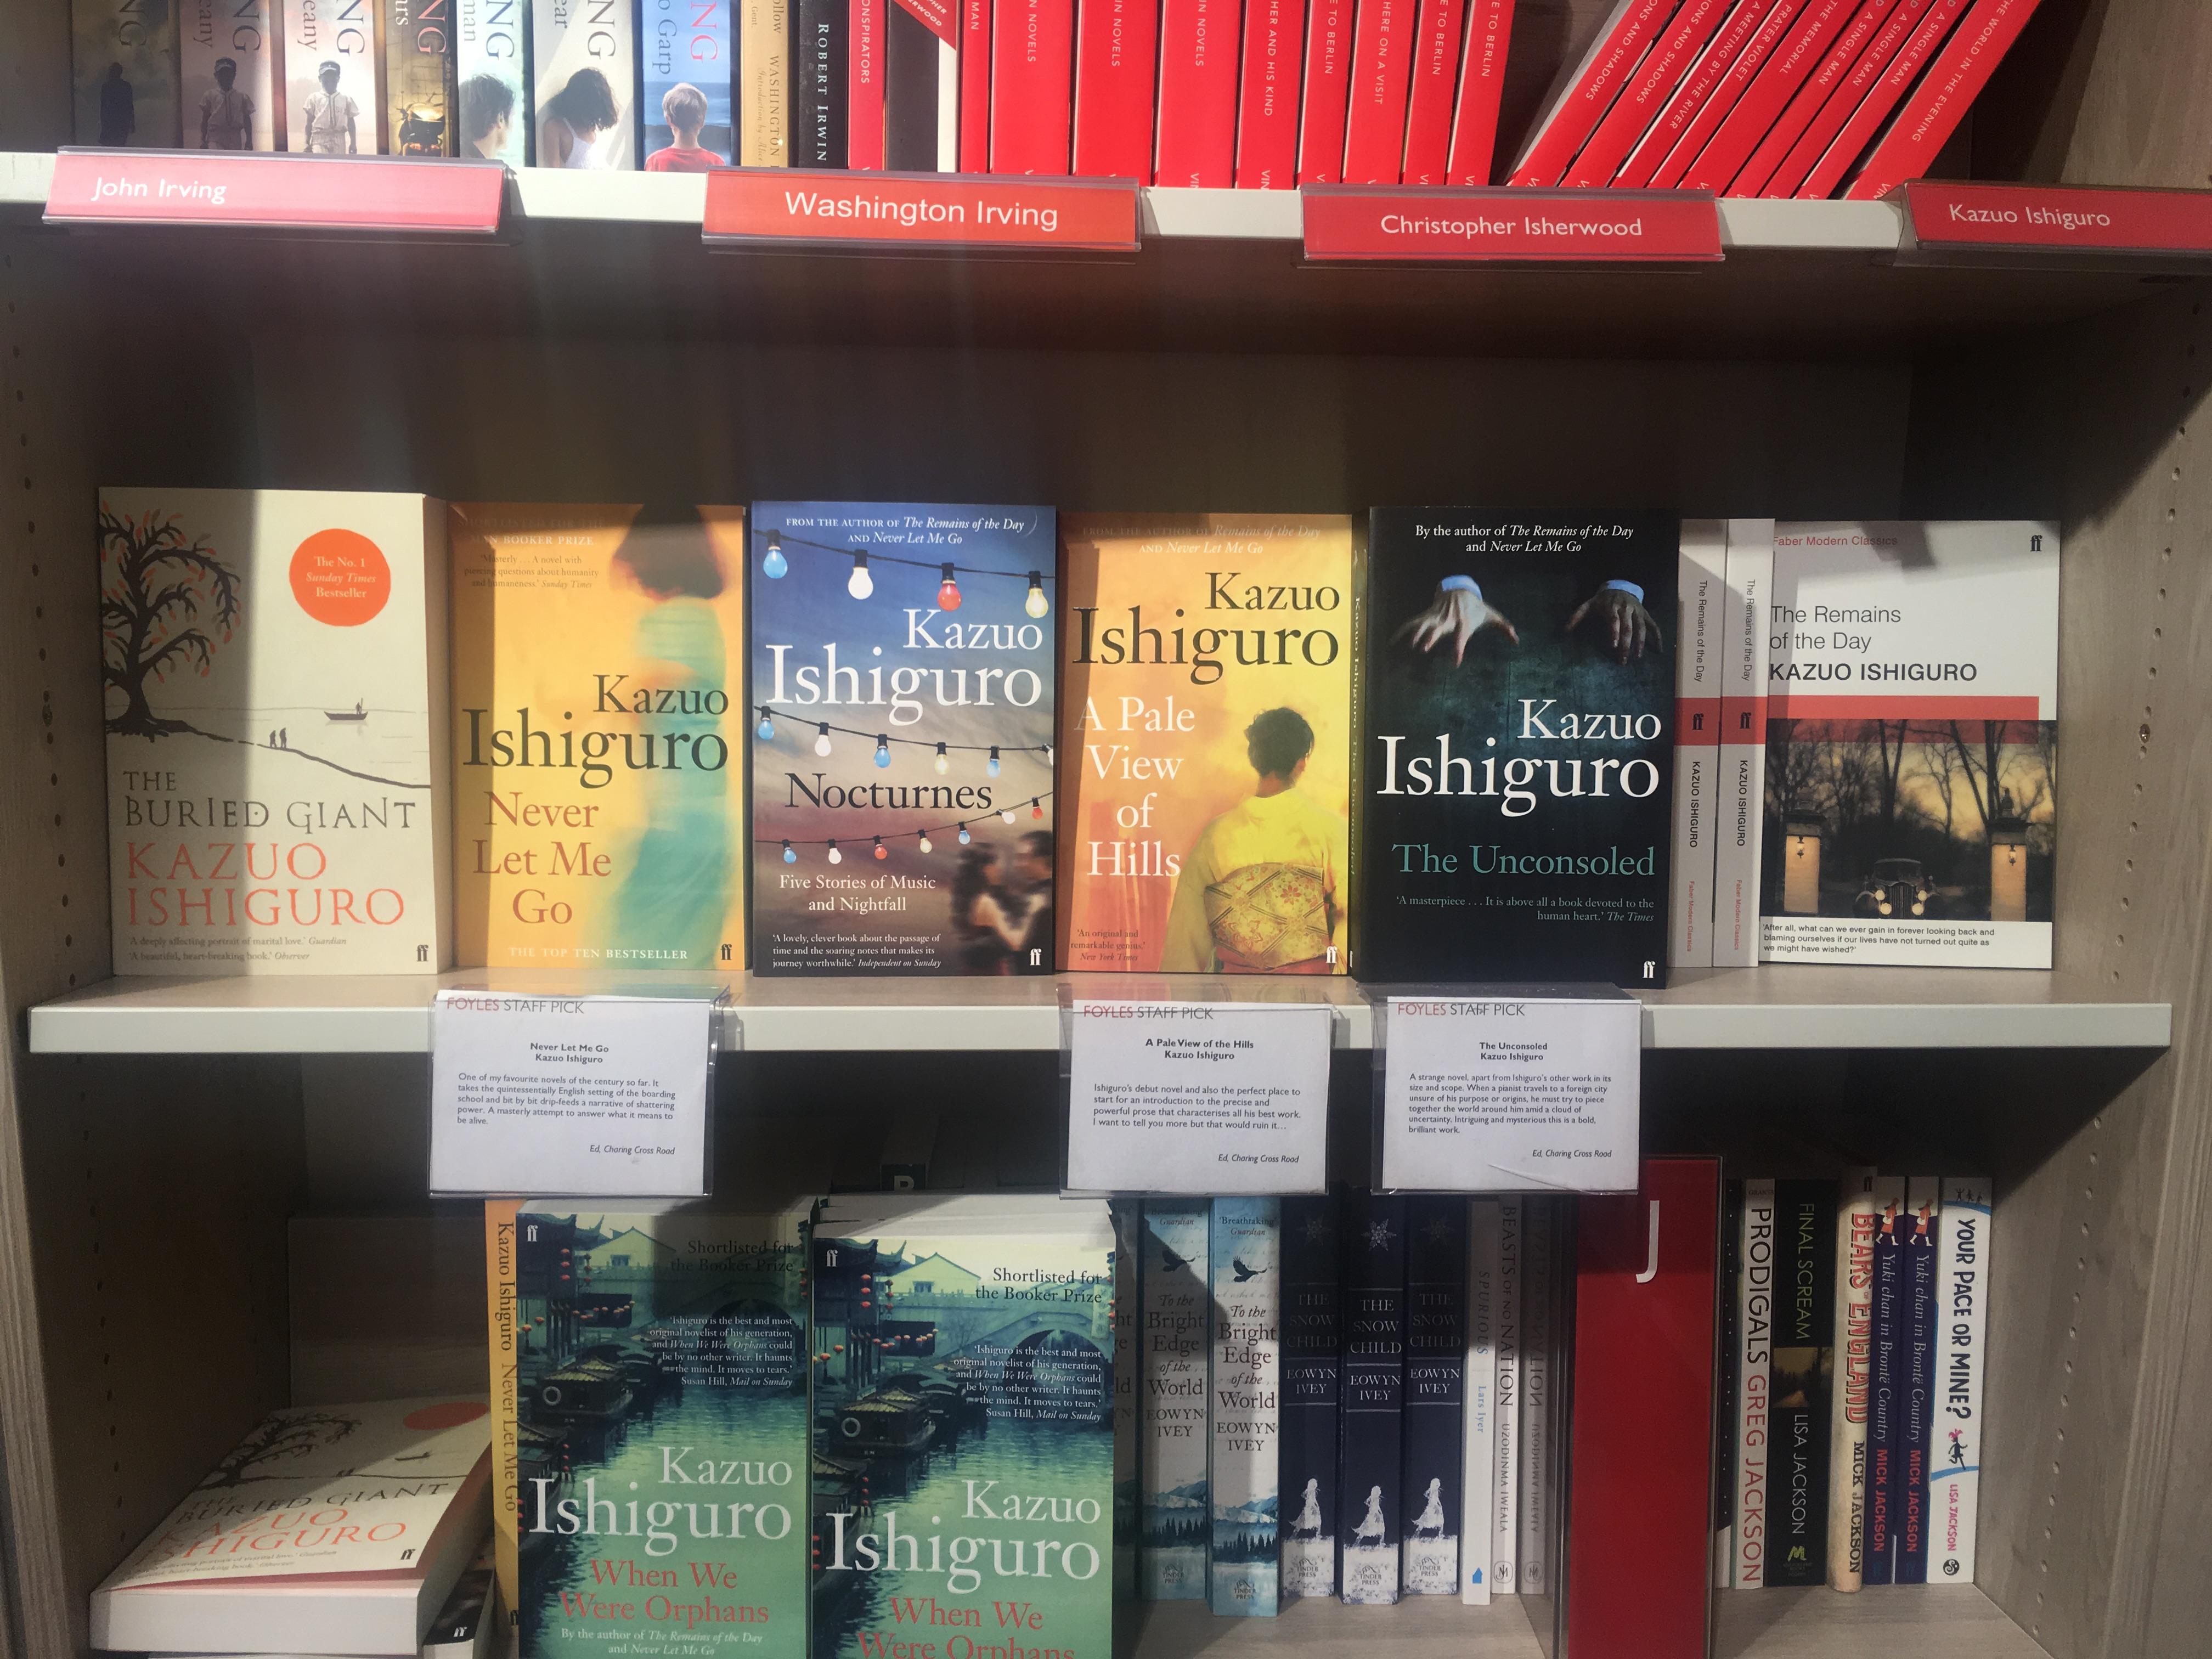 英国を代表する作家、イシグロ文学のルーツ